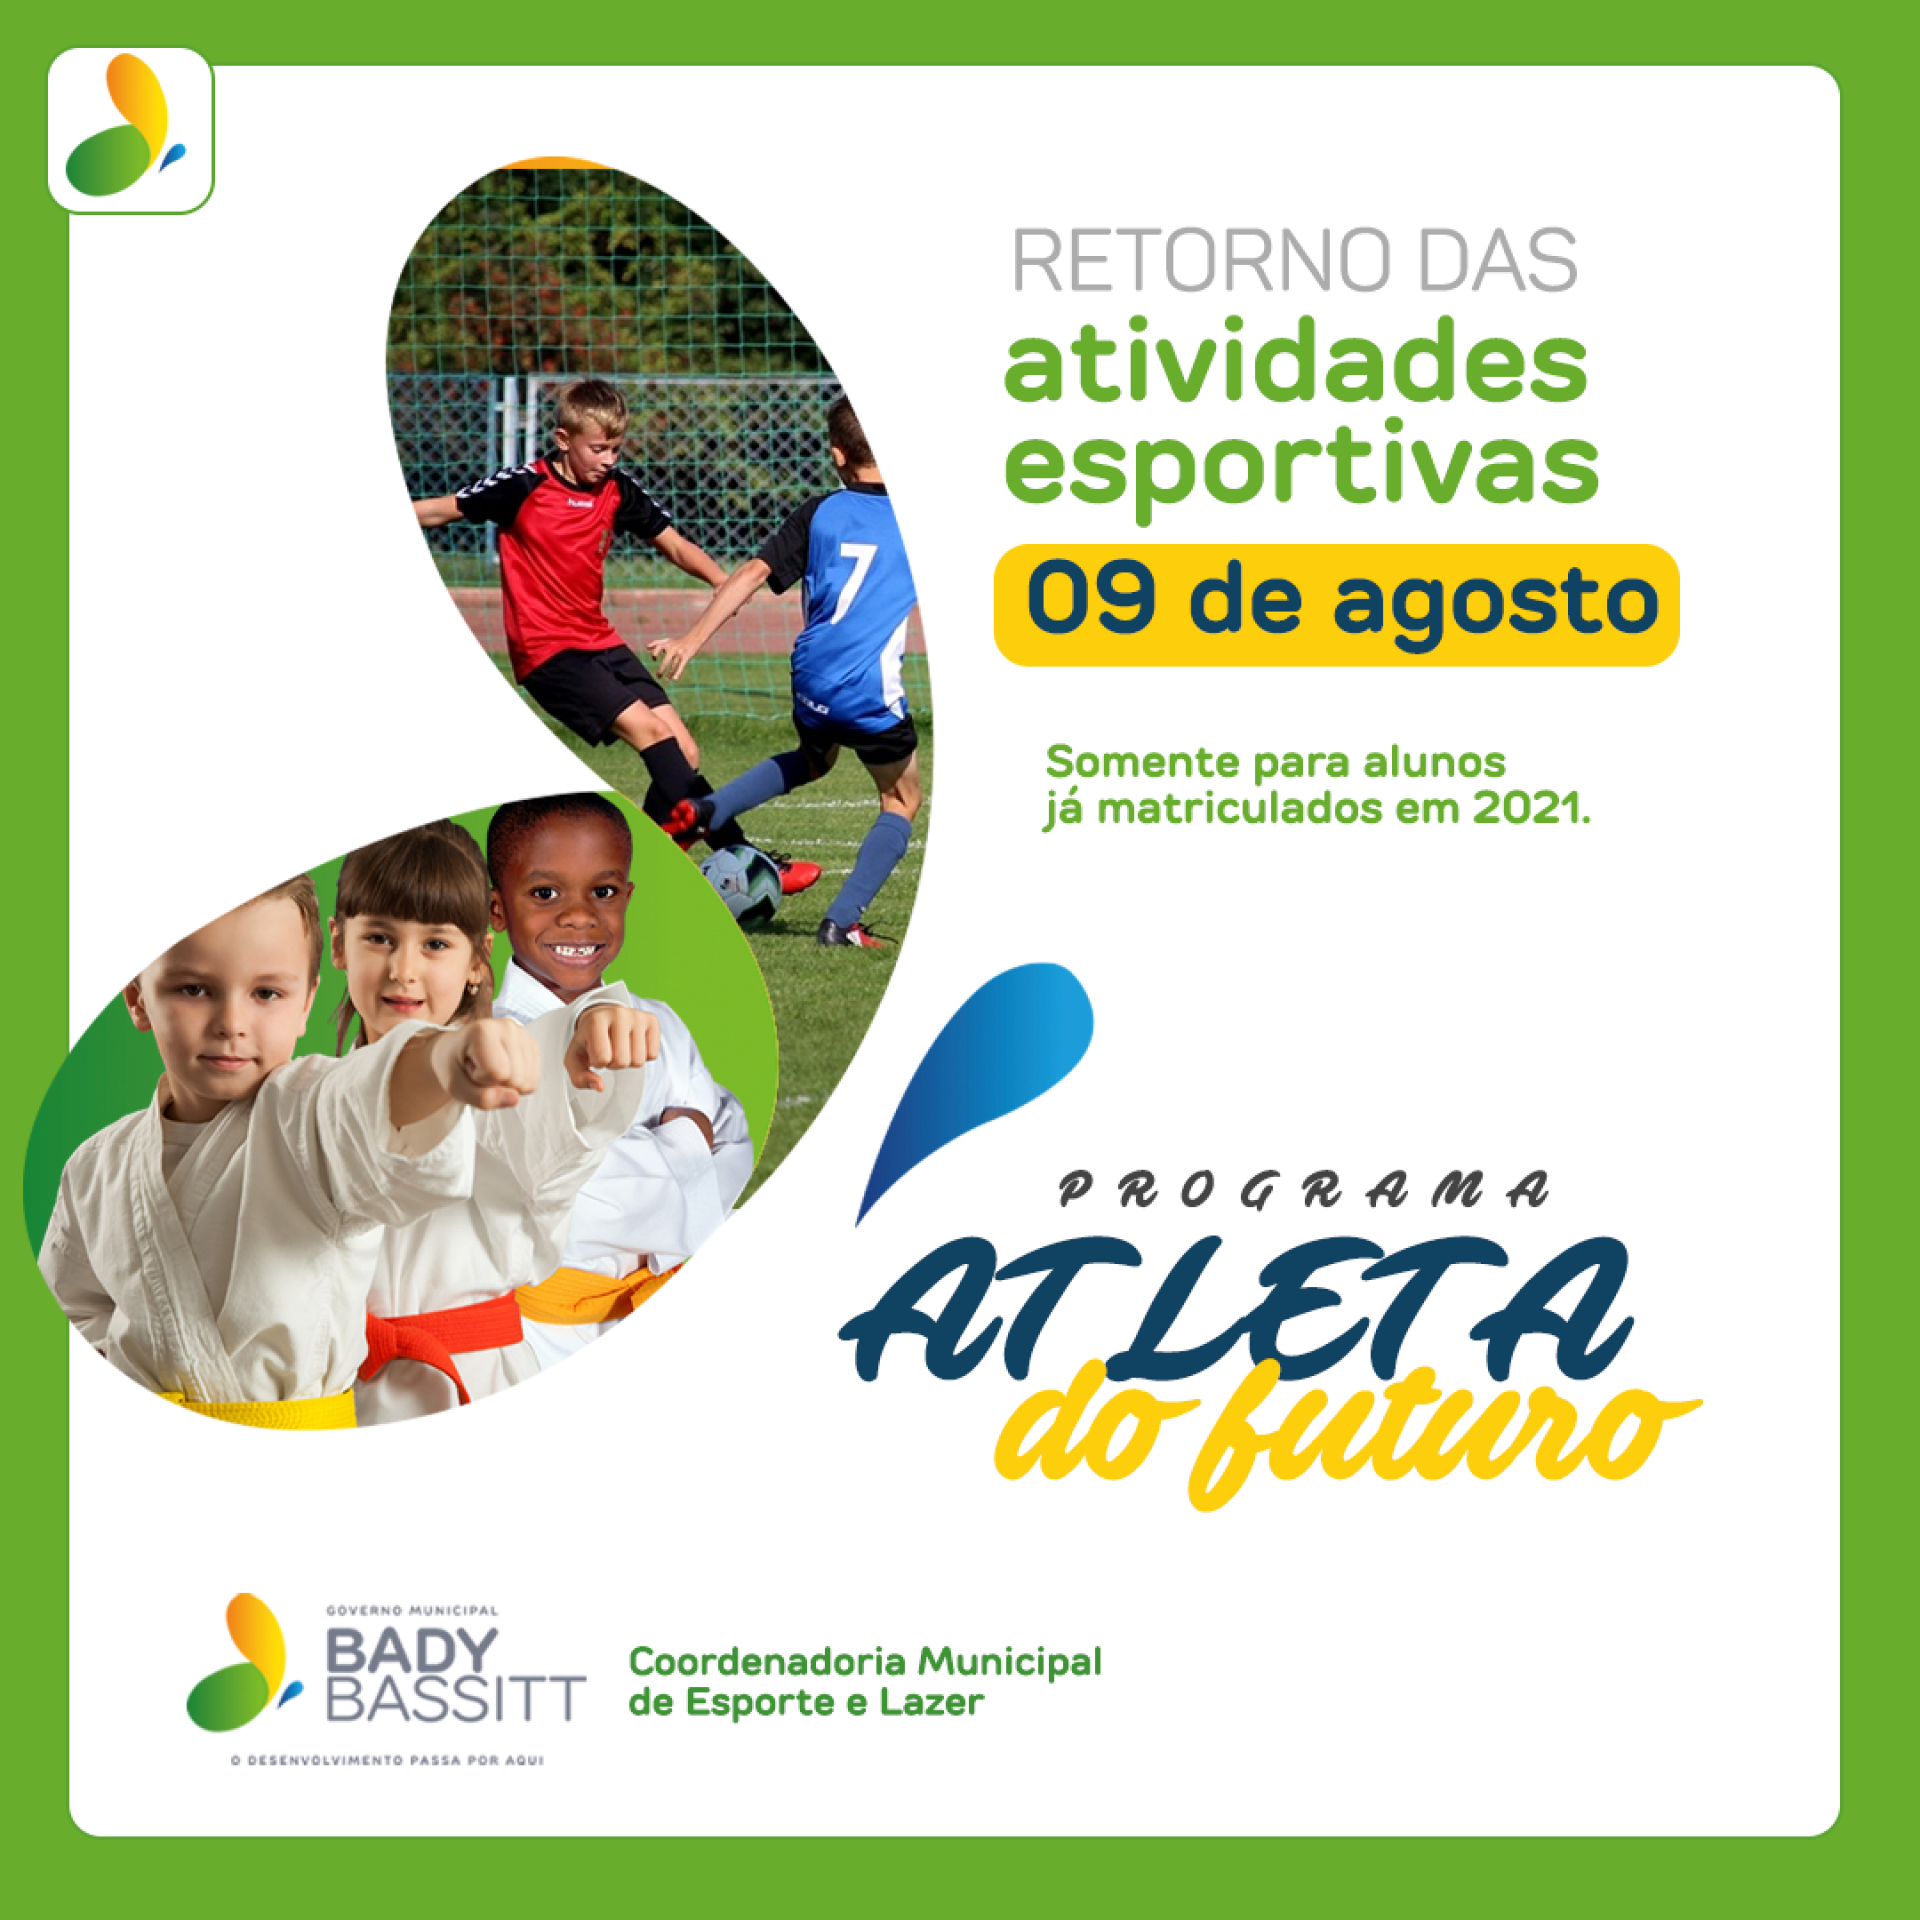 Esporte retomará atividades no municipio